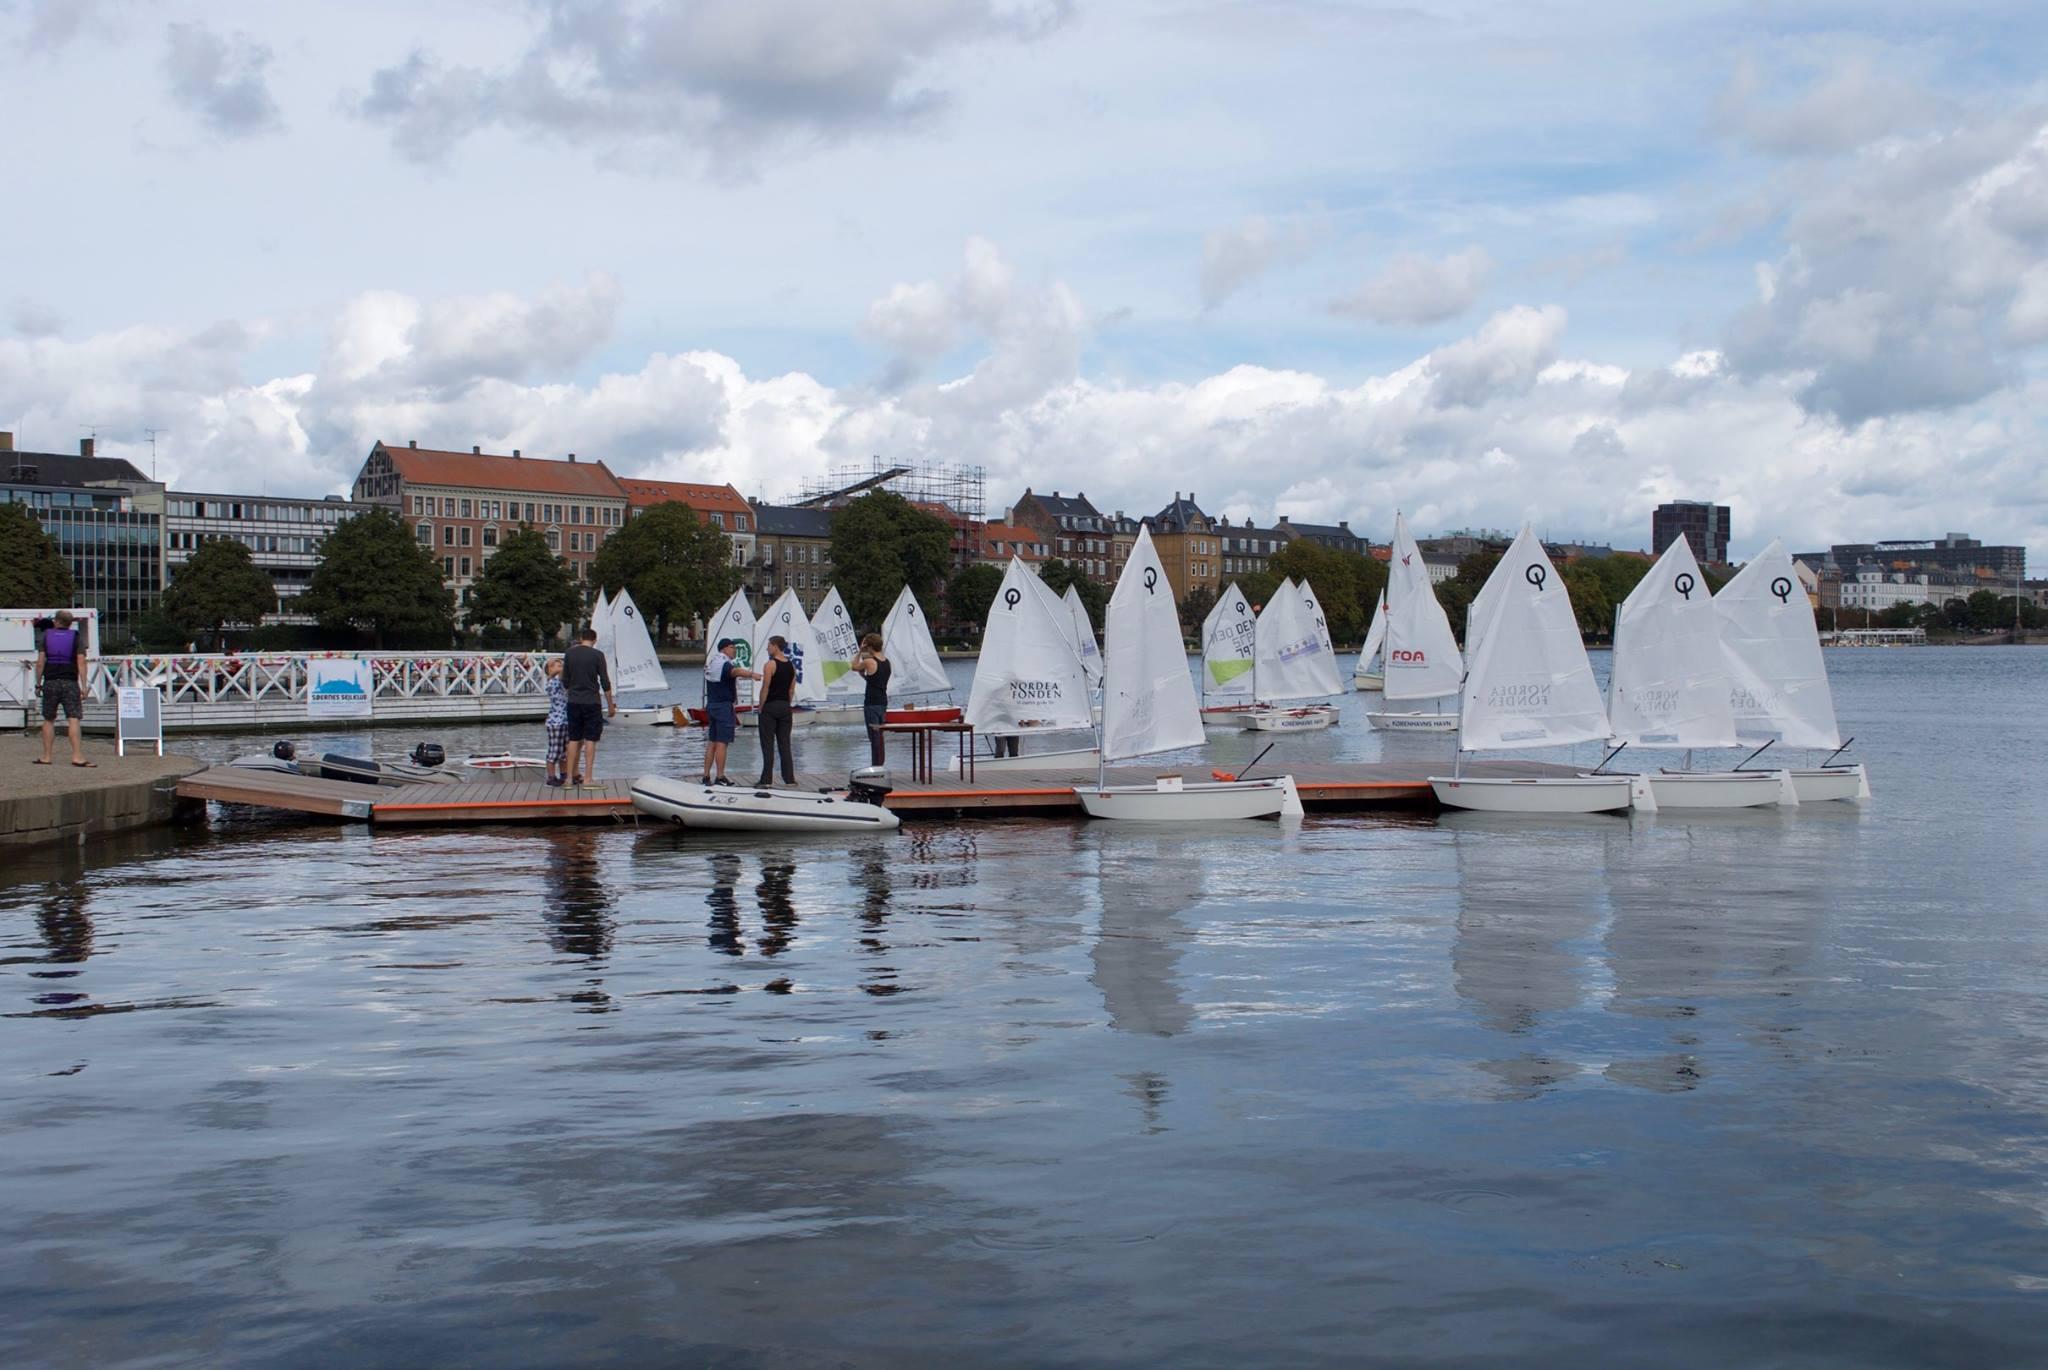 40 Optimistjoller kæmper om Hold-DM midt i København